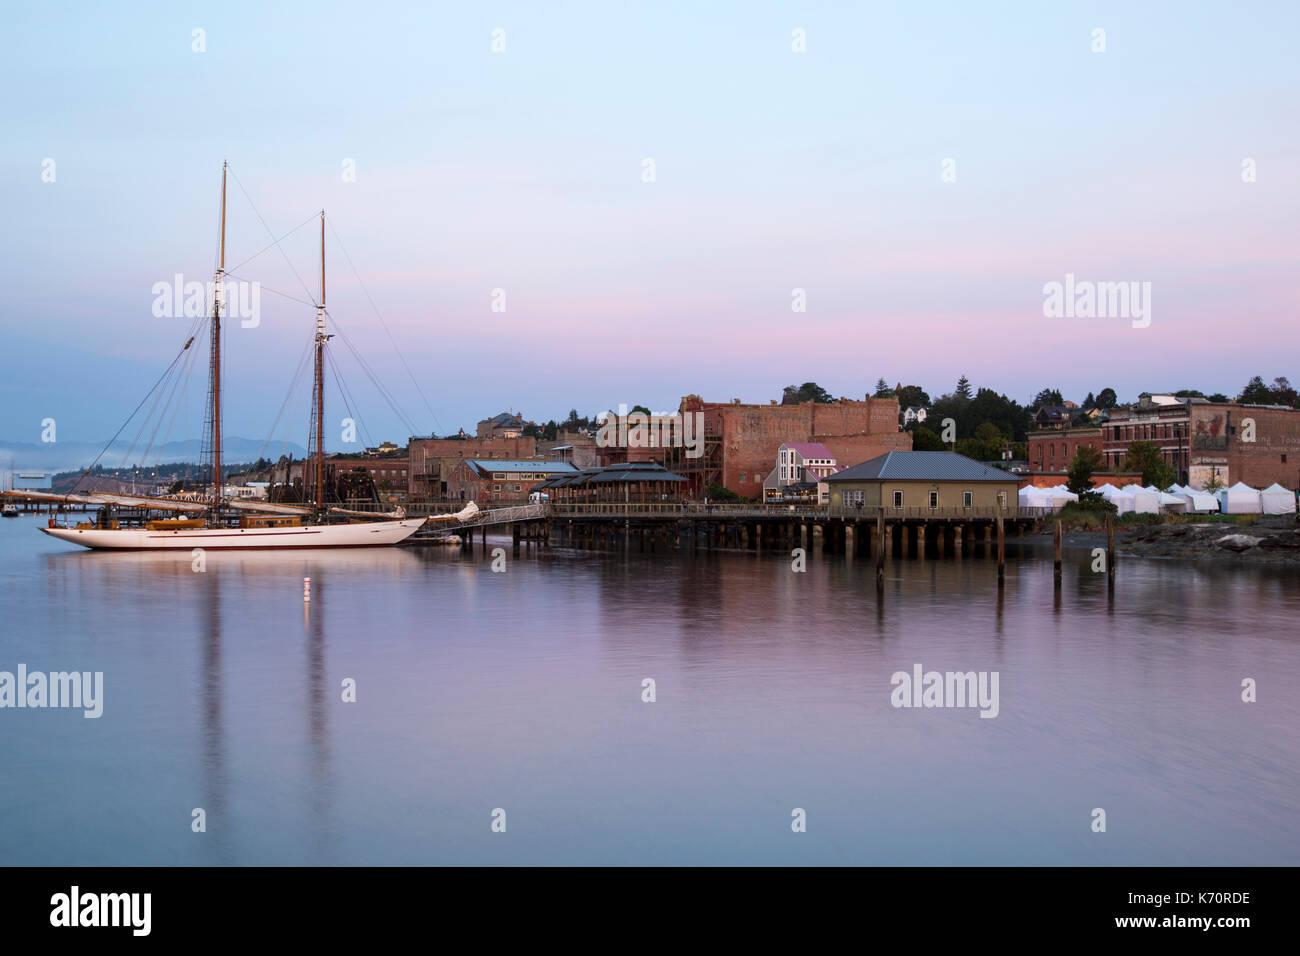 Bateau à voile voilier goélette en bois à louer centre ville de port townsend